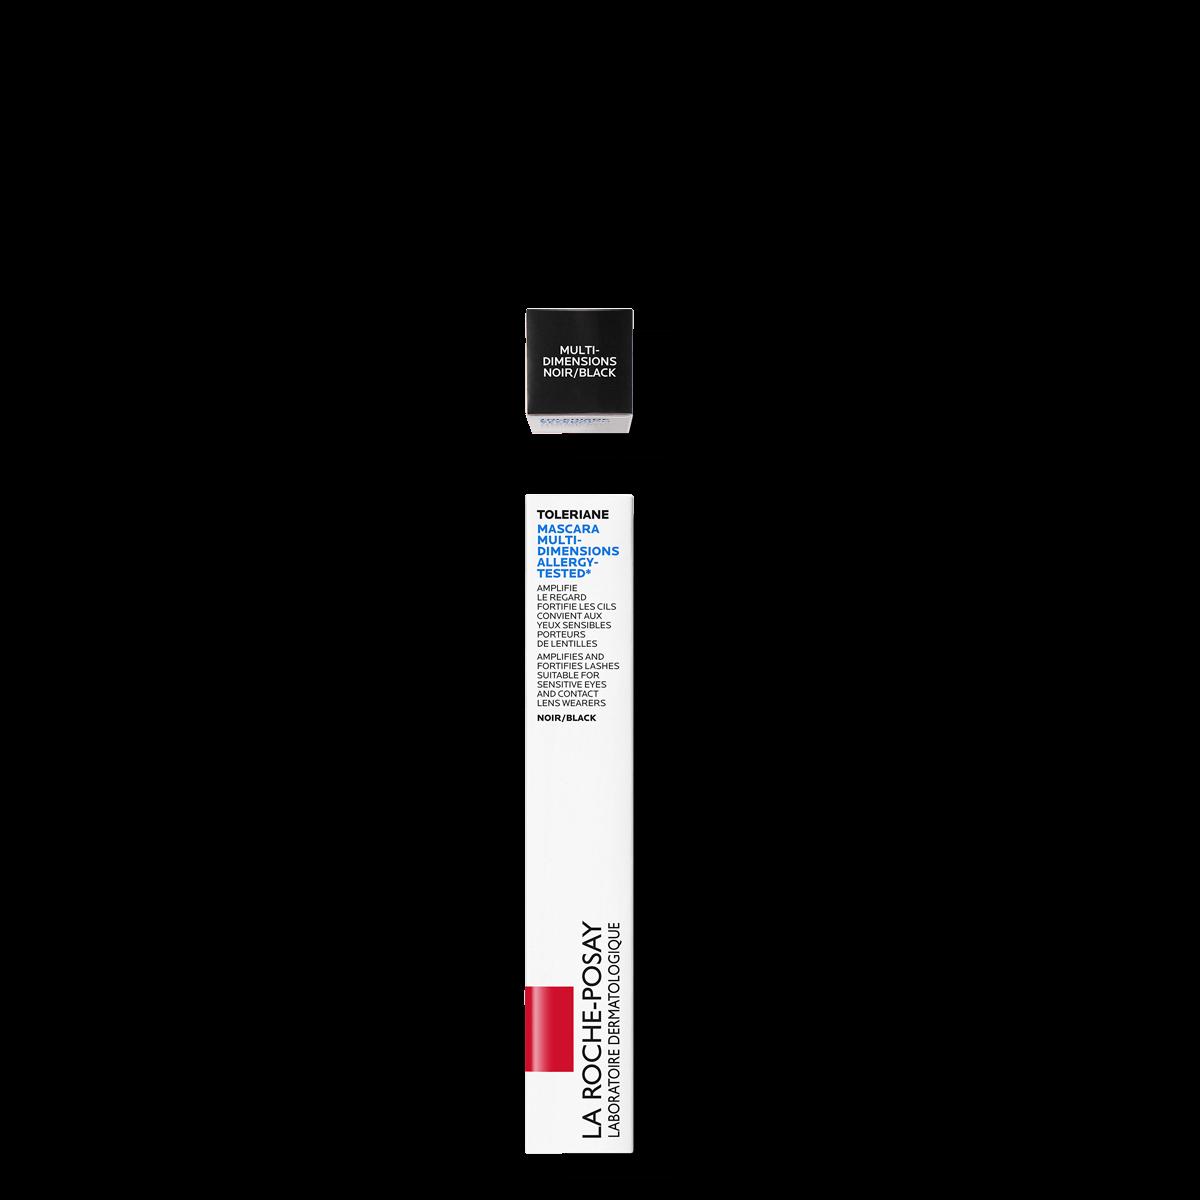 La Roche Posay Sensitive Toleriane Make up MULTIDIMENSIONS_MASCARA_Bla